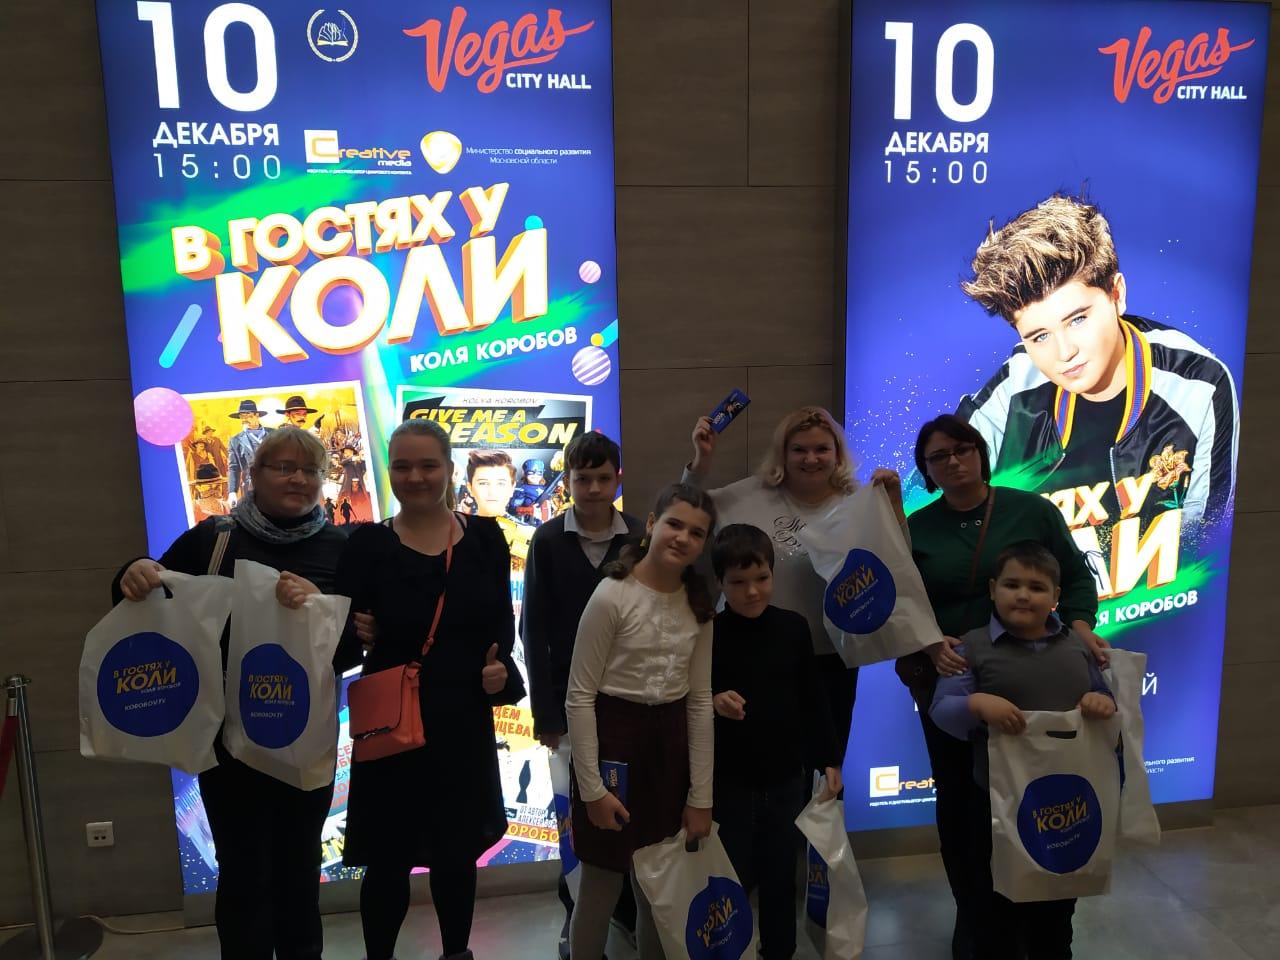 Дети из АРДИП побывали на концерте Коли Коробова АРДИП